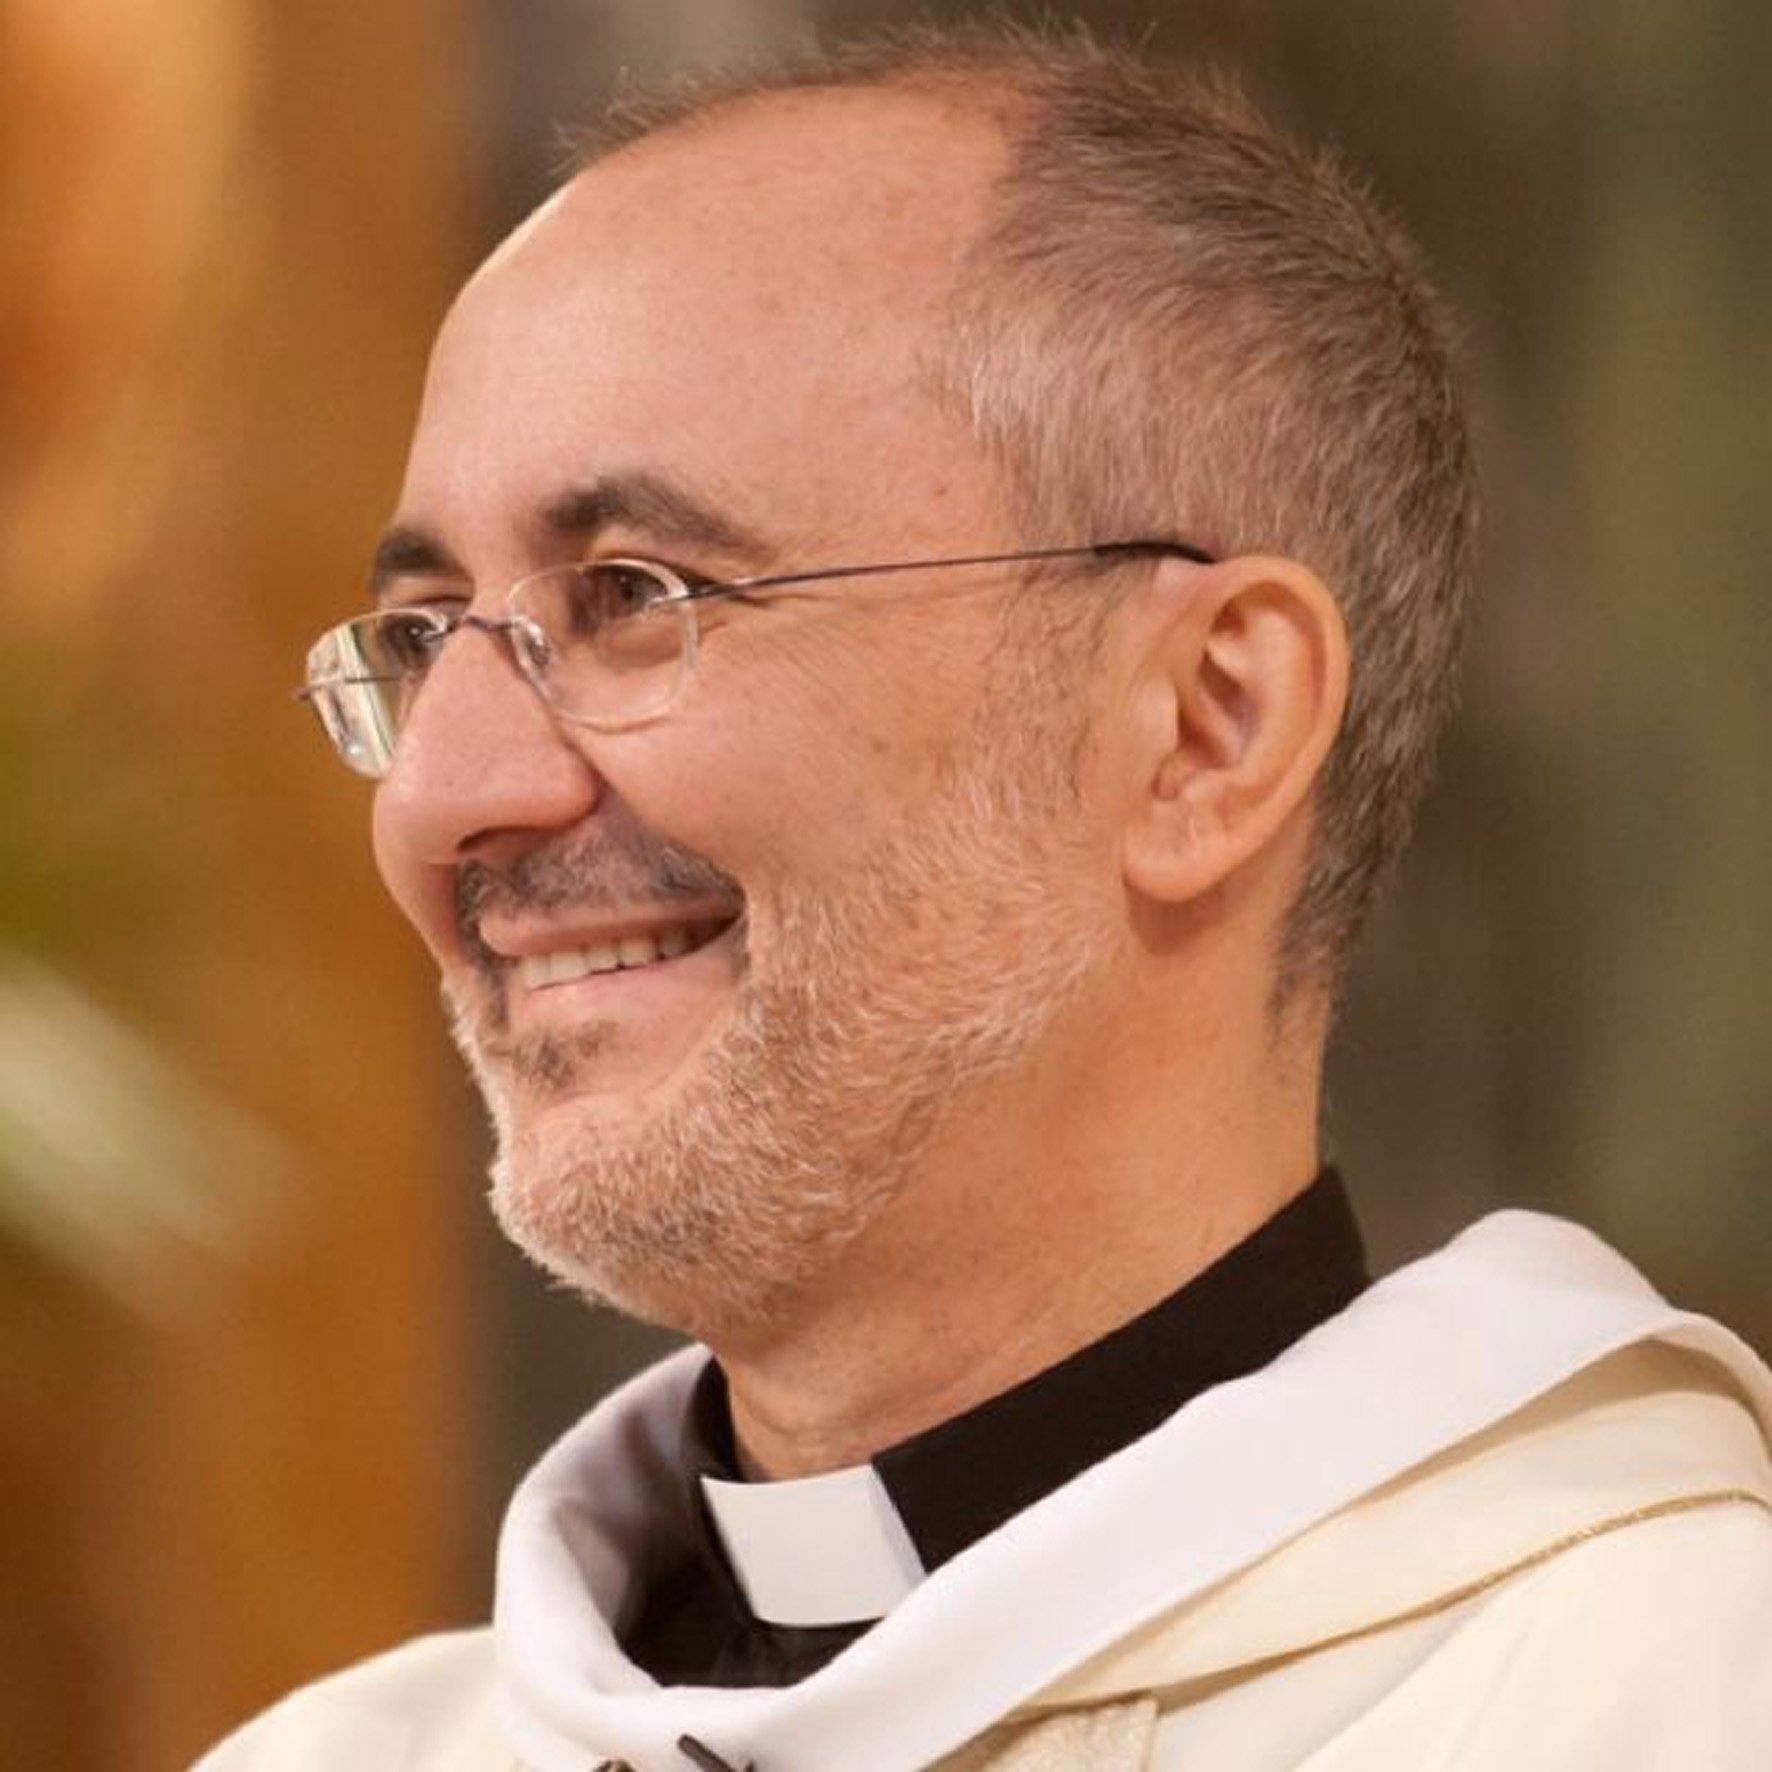 Fallece el sacerdote valenciano Rafael Reig